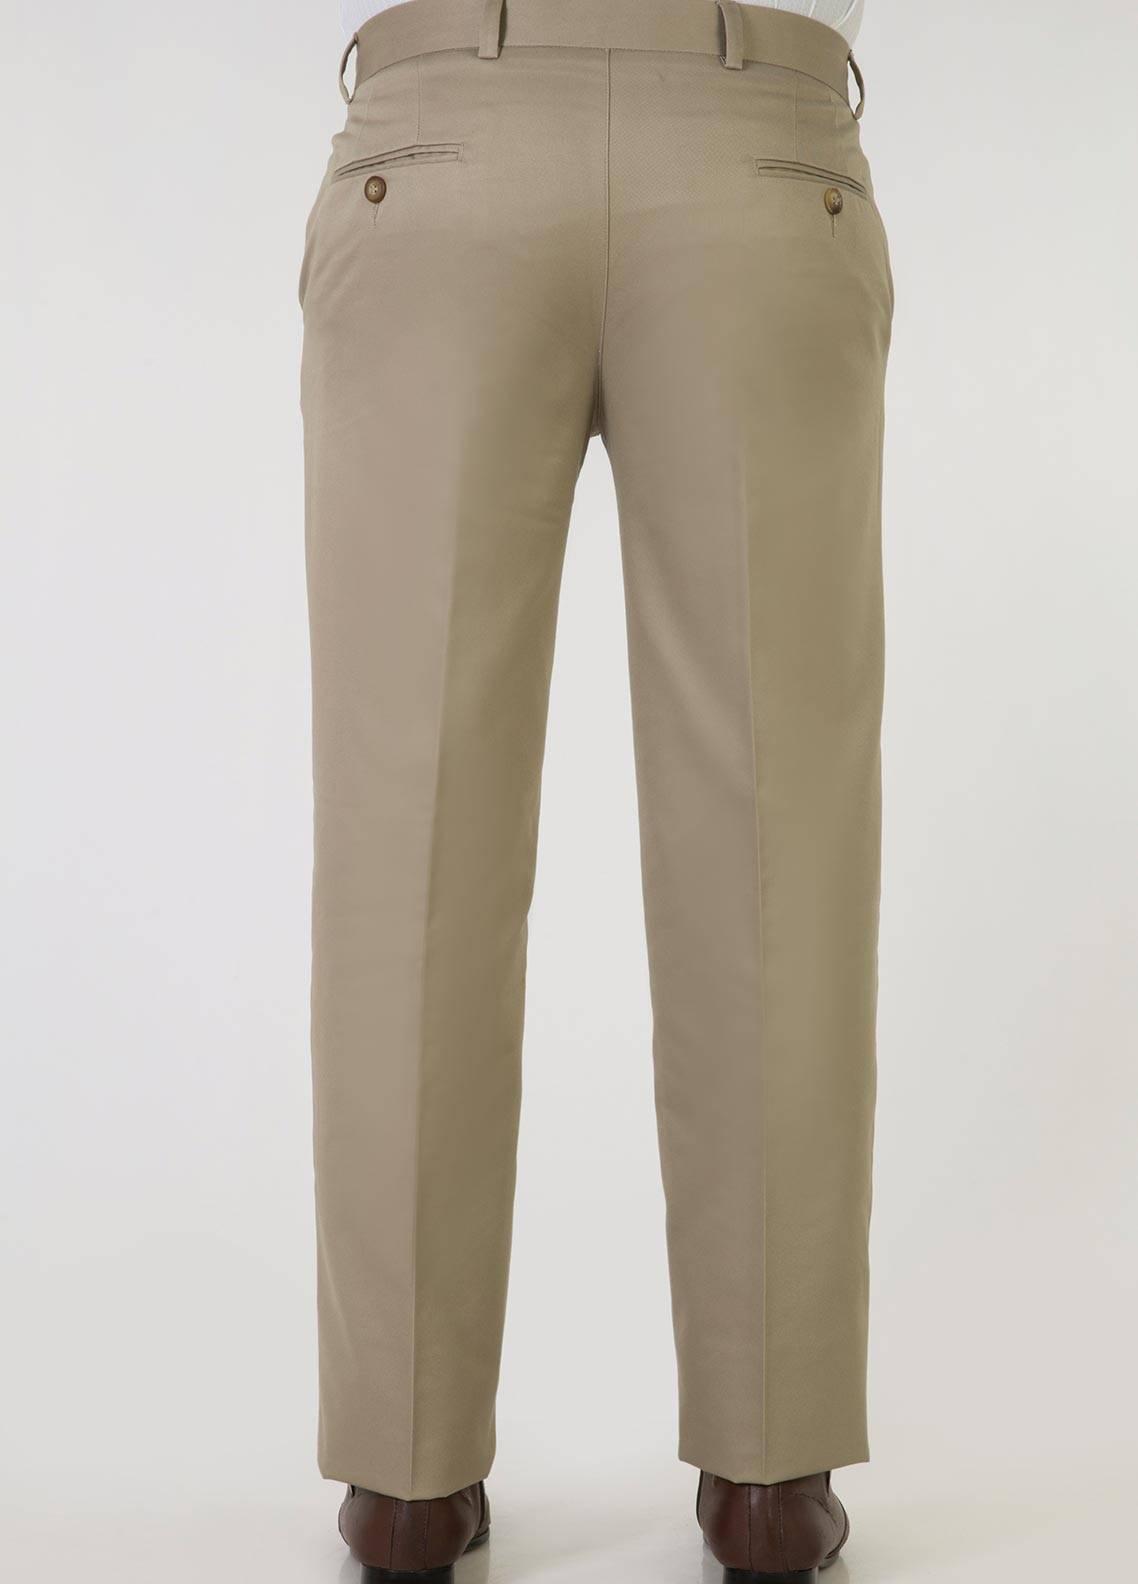 Bien Habille Cotton No-Iron Trouser for Men -  Comfort Fit American Khaki